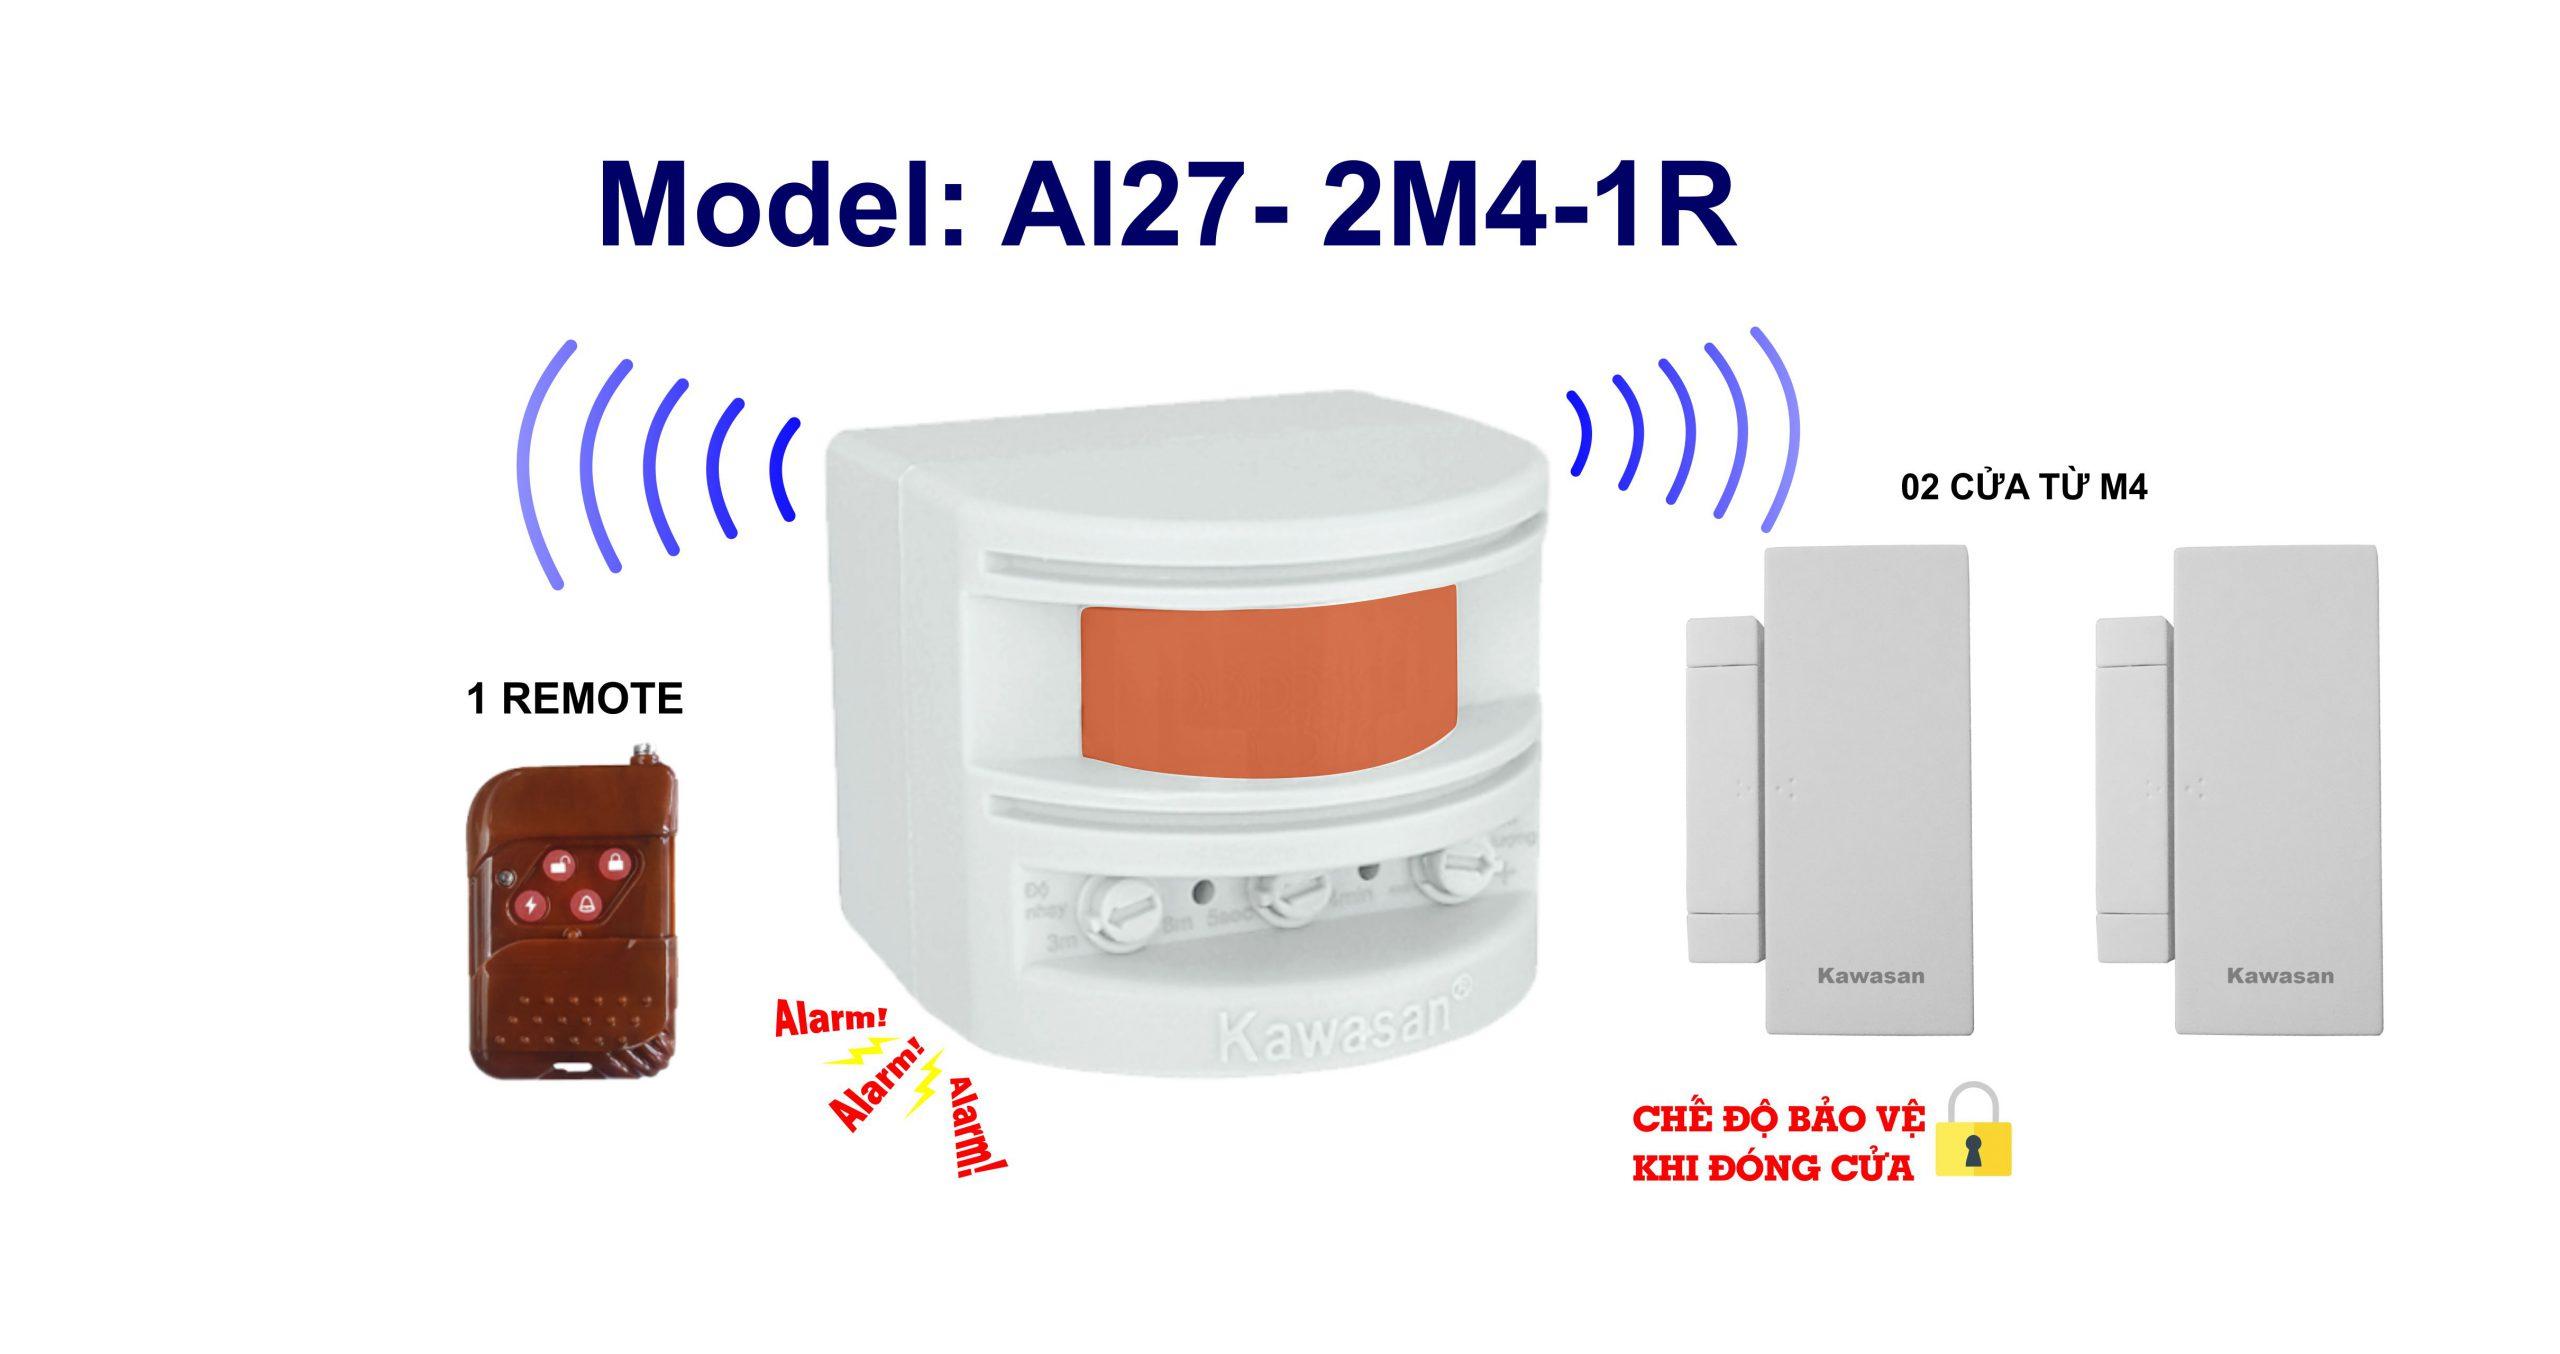 AL27-2M4-1R